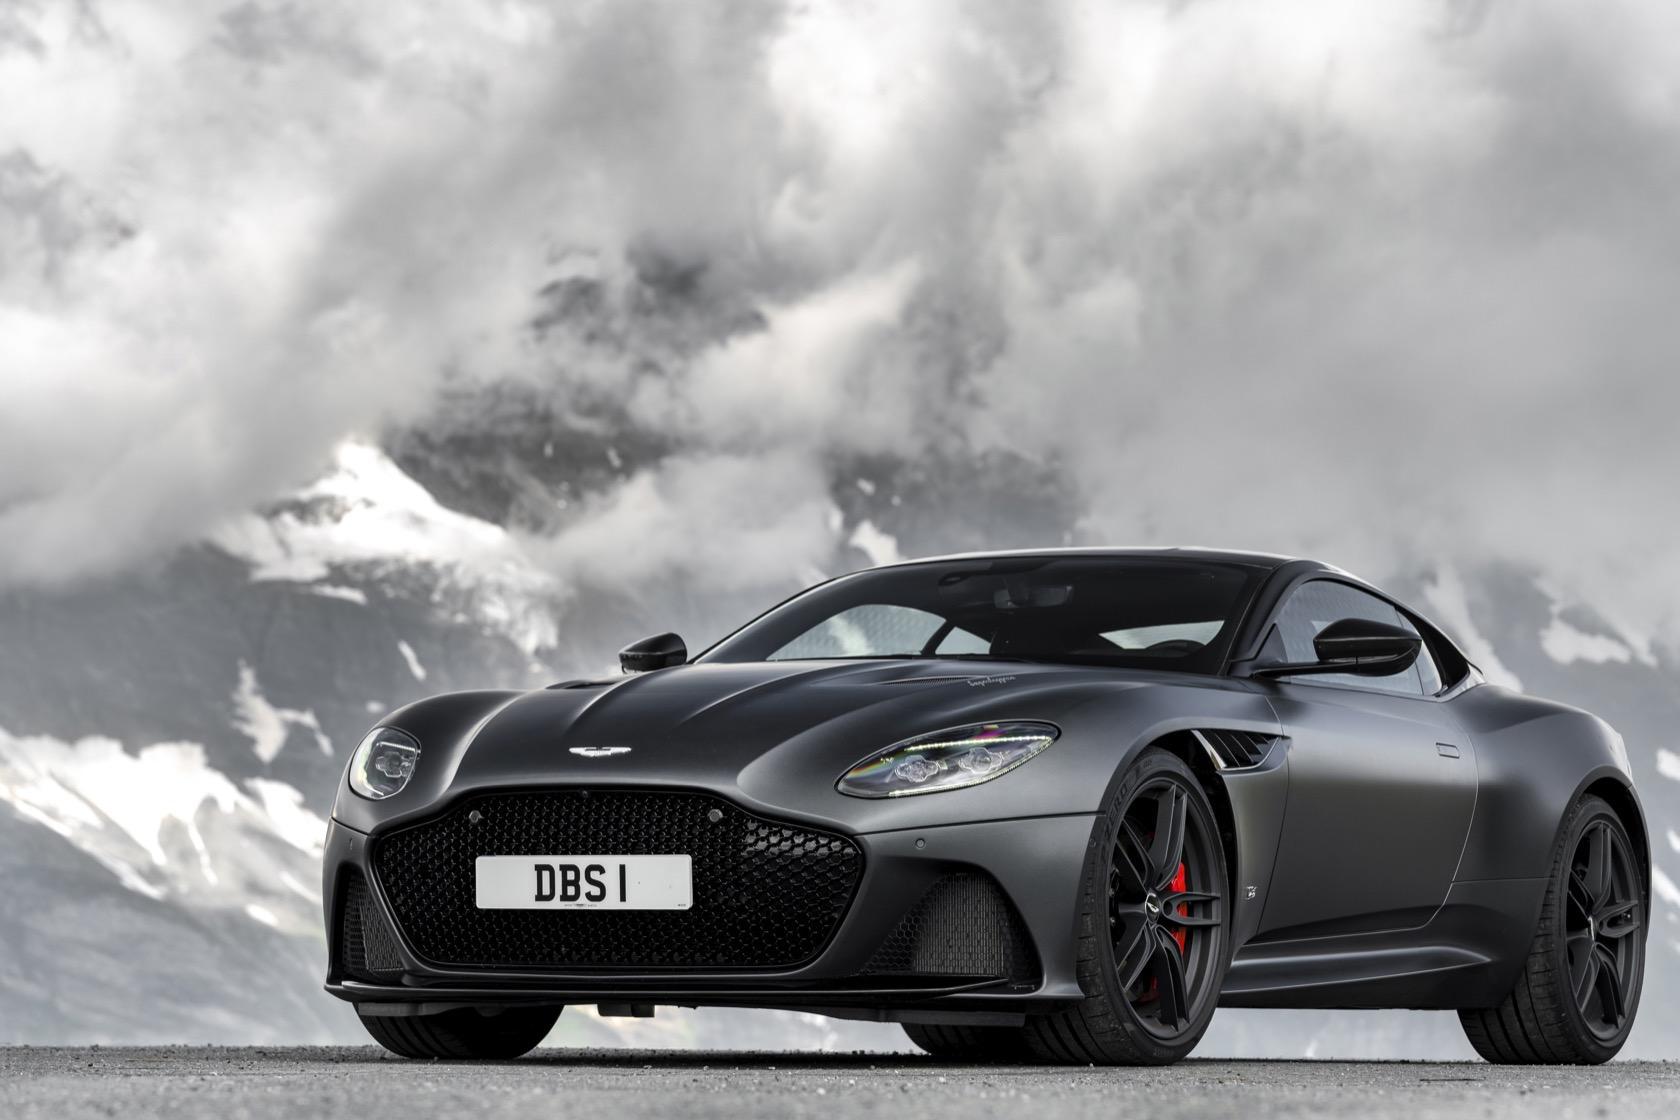 What Tires Fit My Car >> 2019 Aston Martin DBS Superleggera first drive: A flagship ...